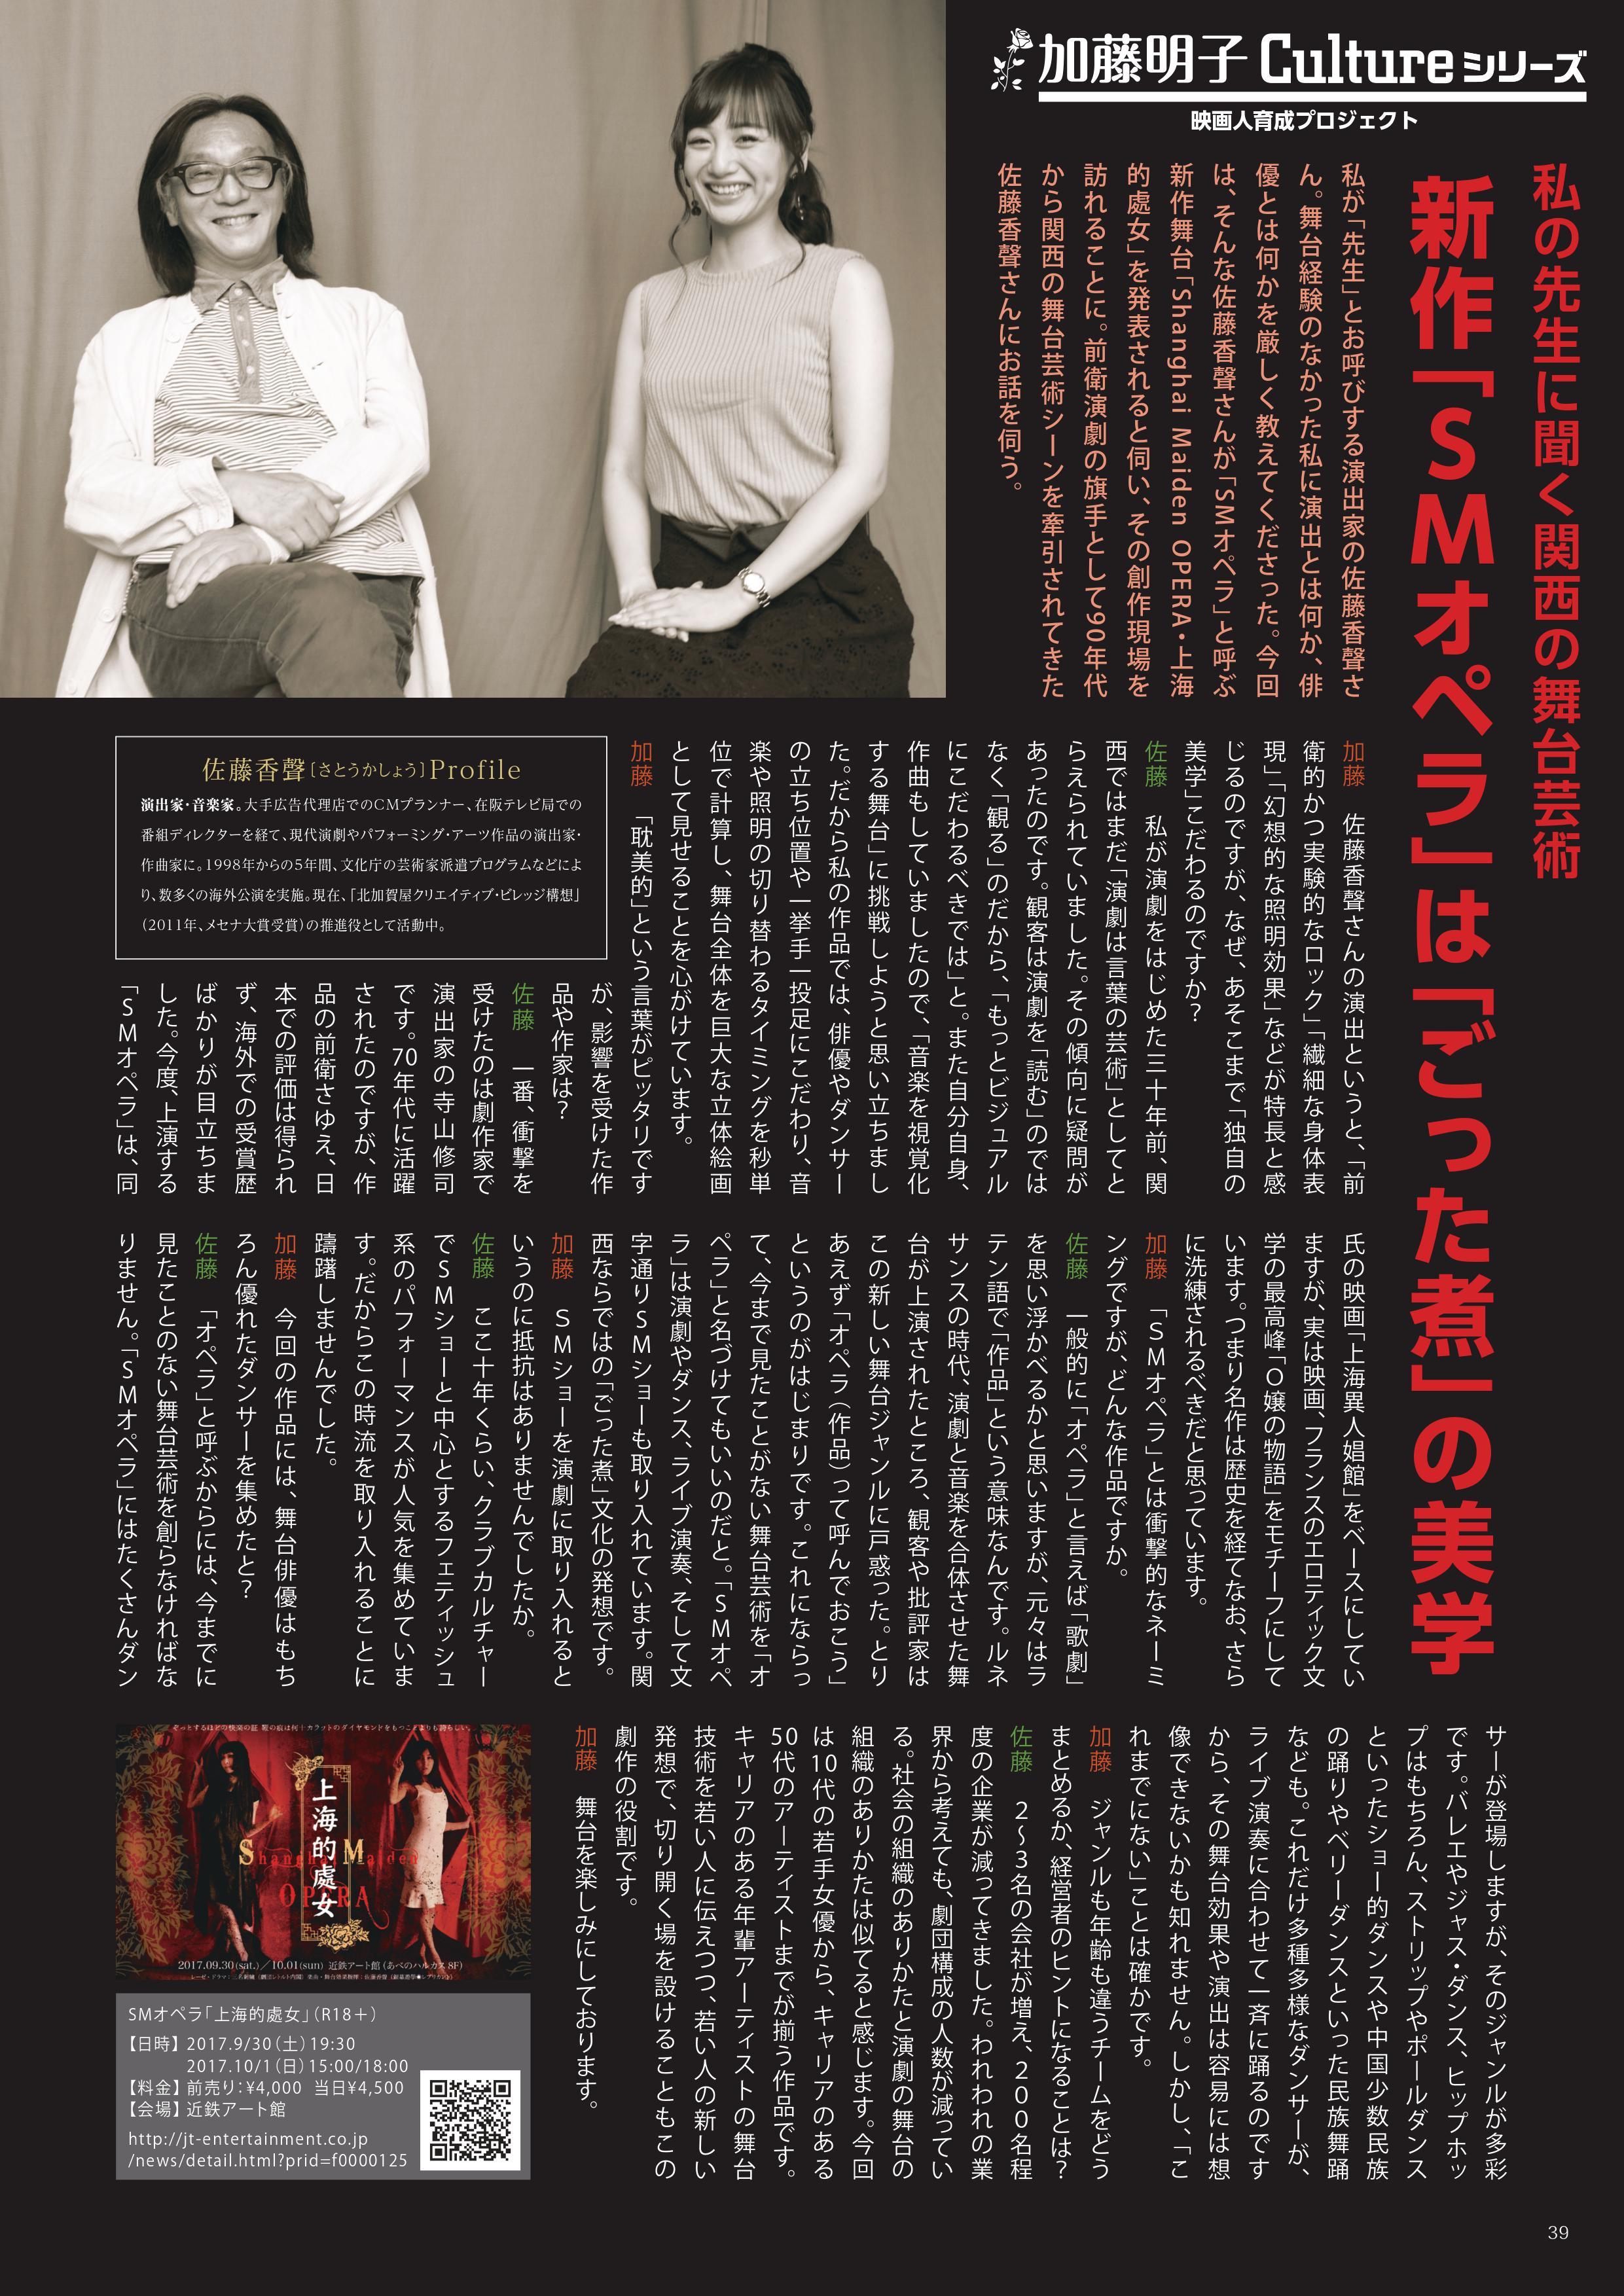 SMオペラ「上海的處女」の劇評掲載と演出家・佐藤香聲が記事に掲載されました!